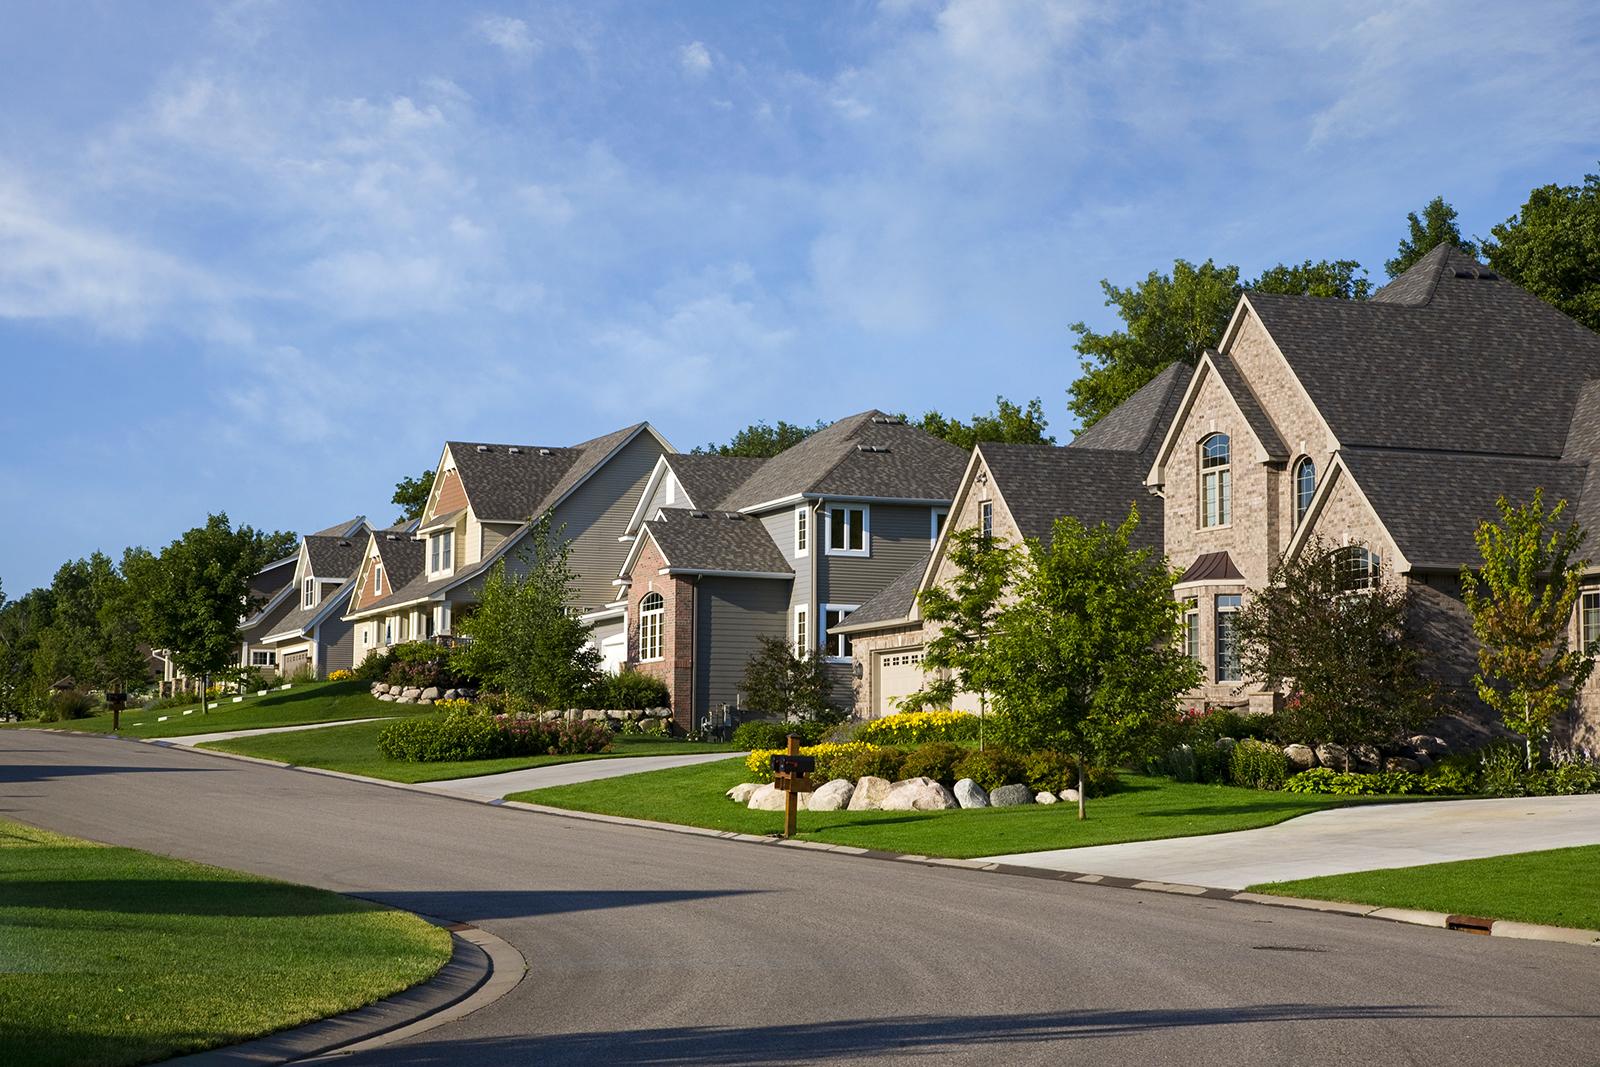 Acheter une maison aux États-Unis